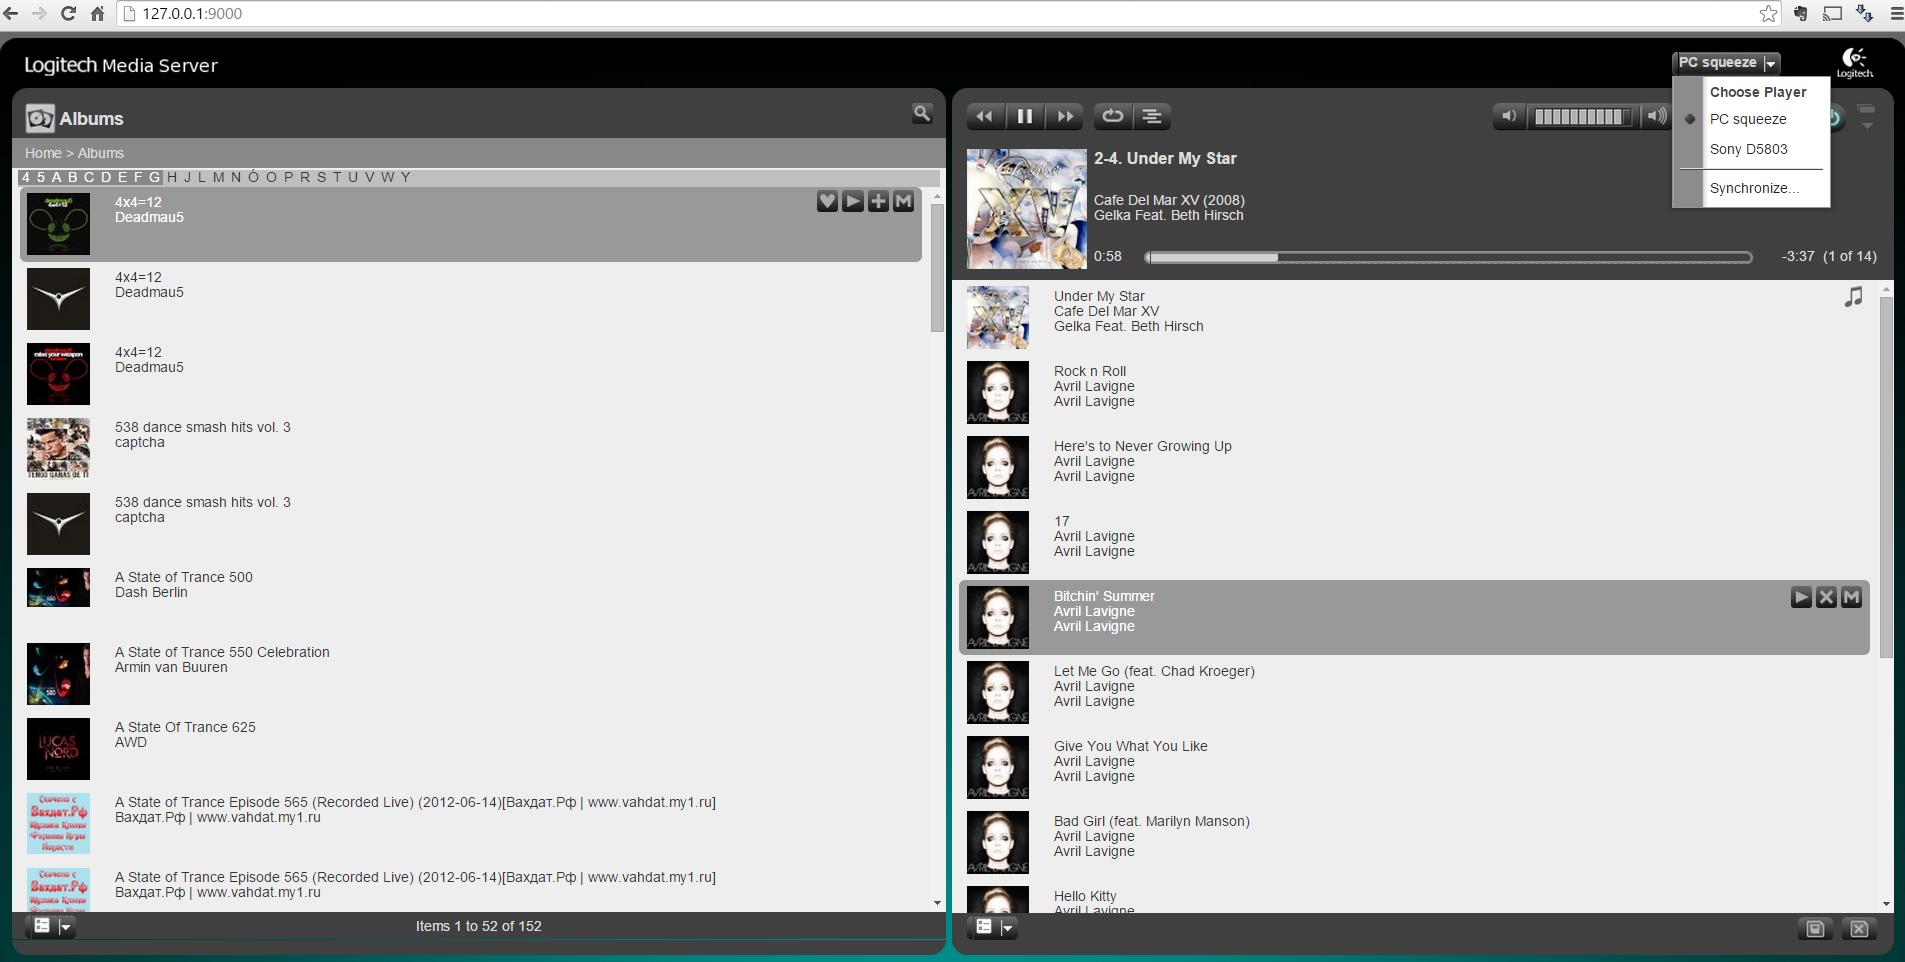 Аудио мультирум своими руками. Многокомнатная музыкальная система на основе бесплатного Logitech Media Server - 7